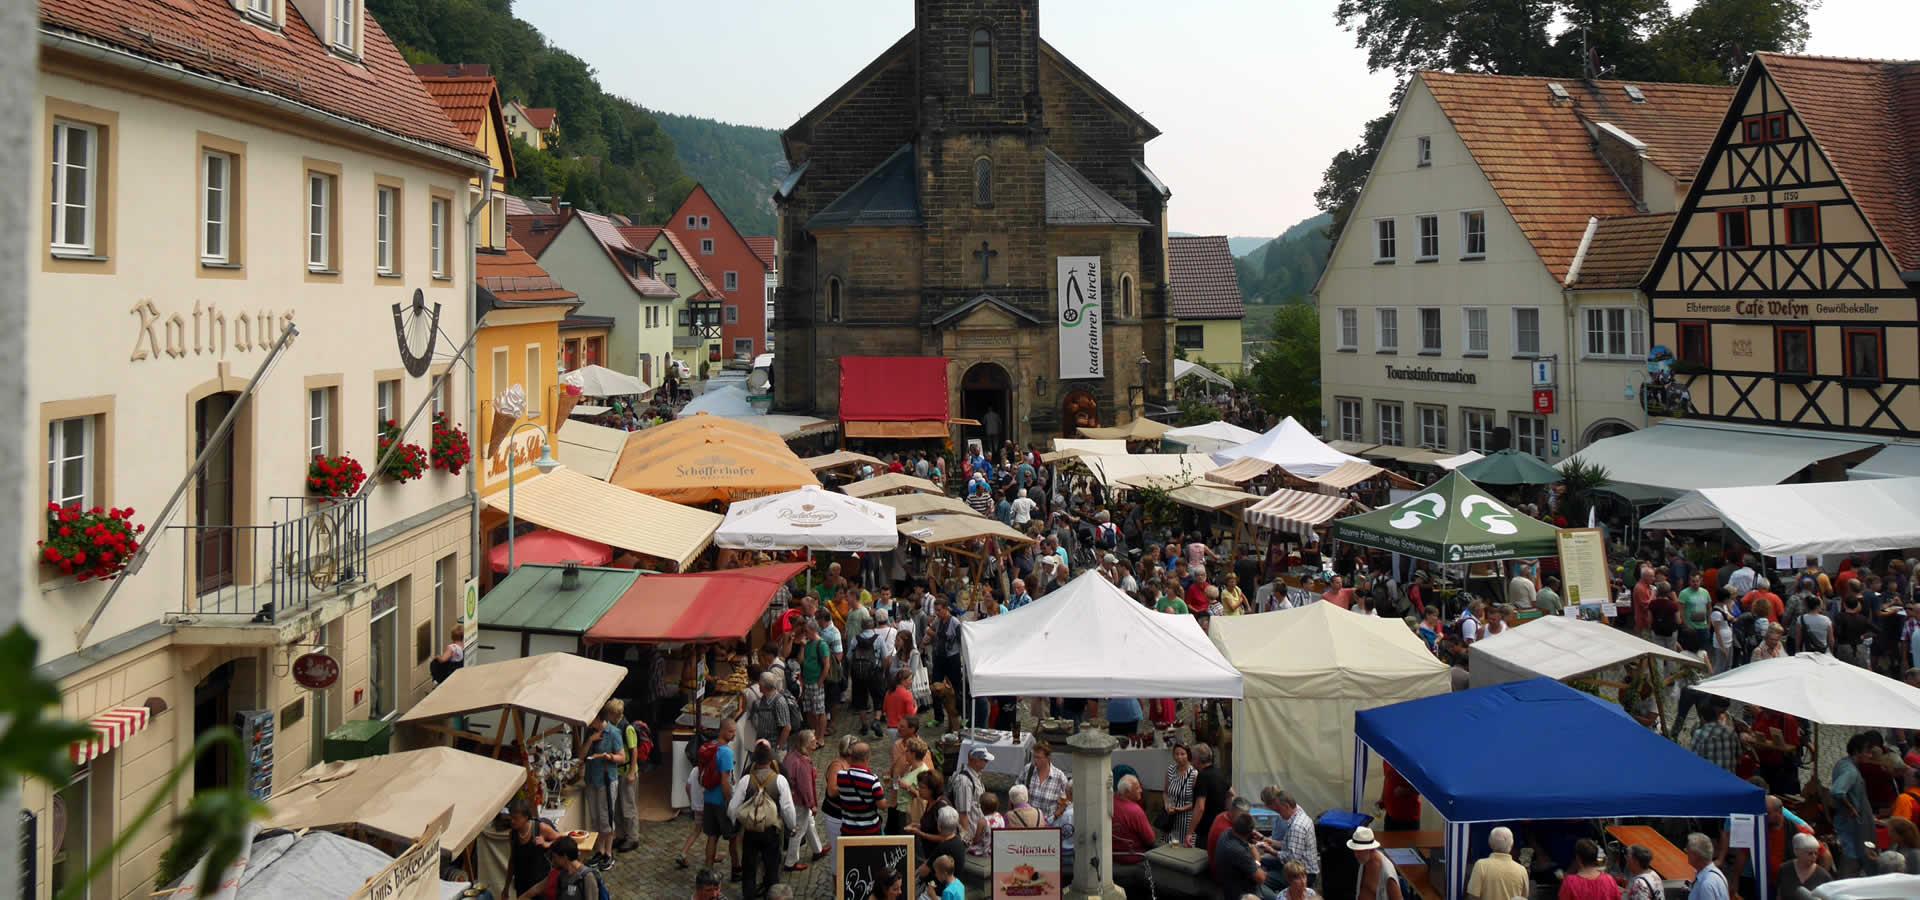 Naturmarkt Wehlen 5.9.2021